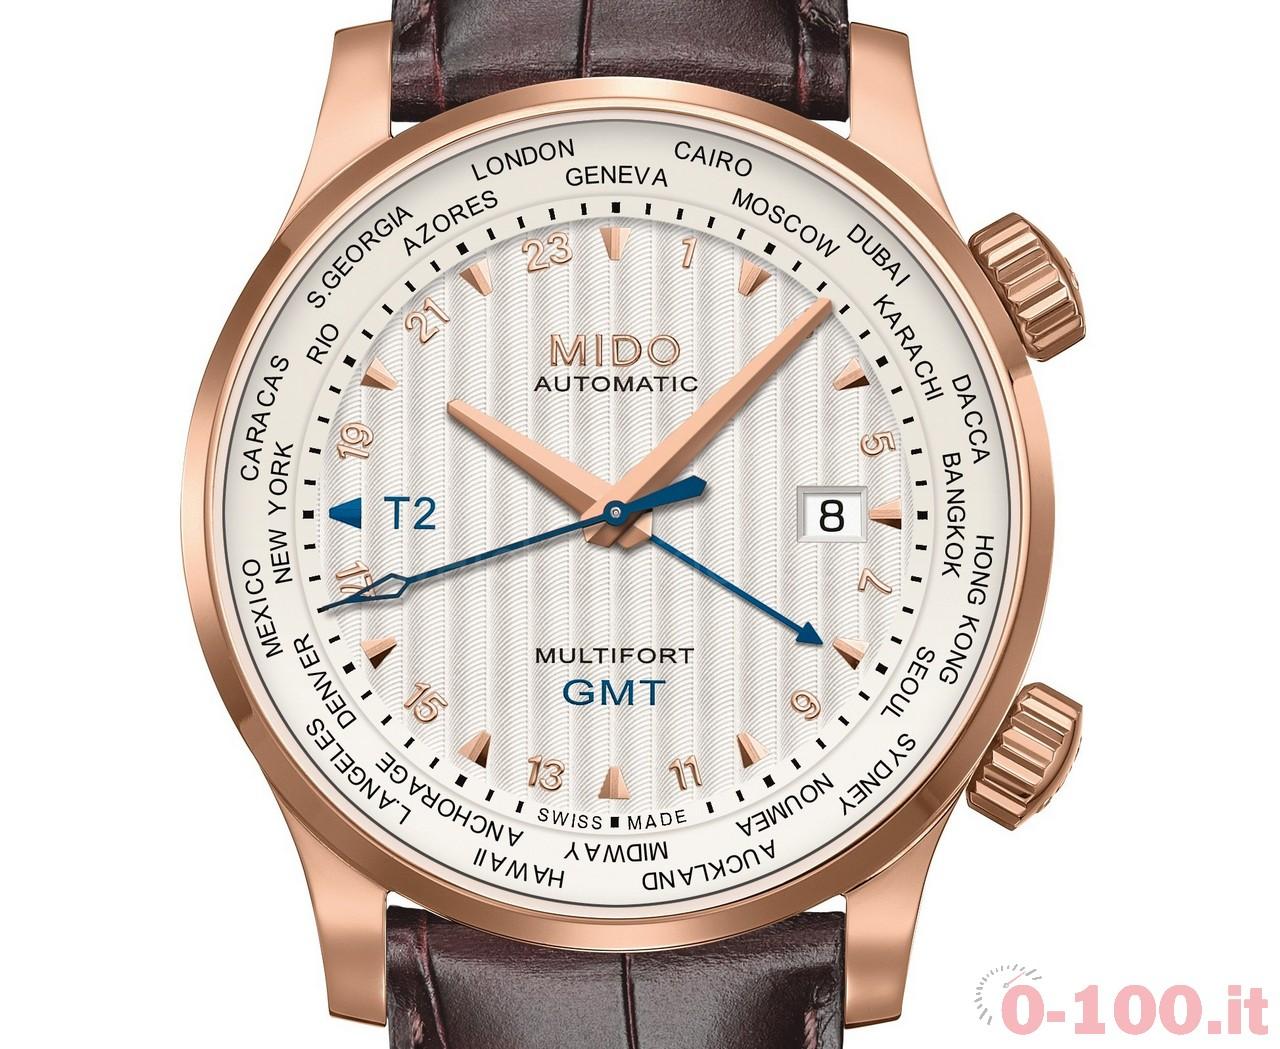 mido-multifort-80th-anniversary-gmt-edition-ref-m005-929-36-031-00-prezzo-price_0-100_2